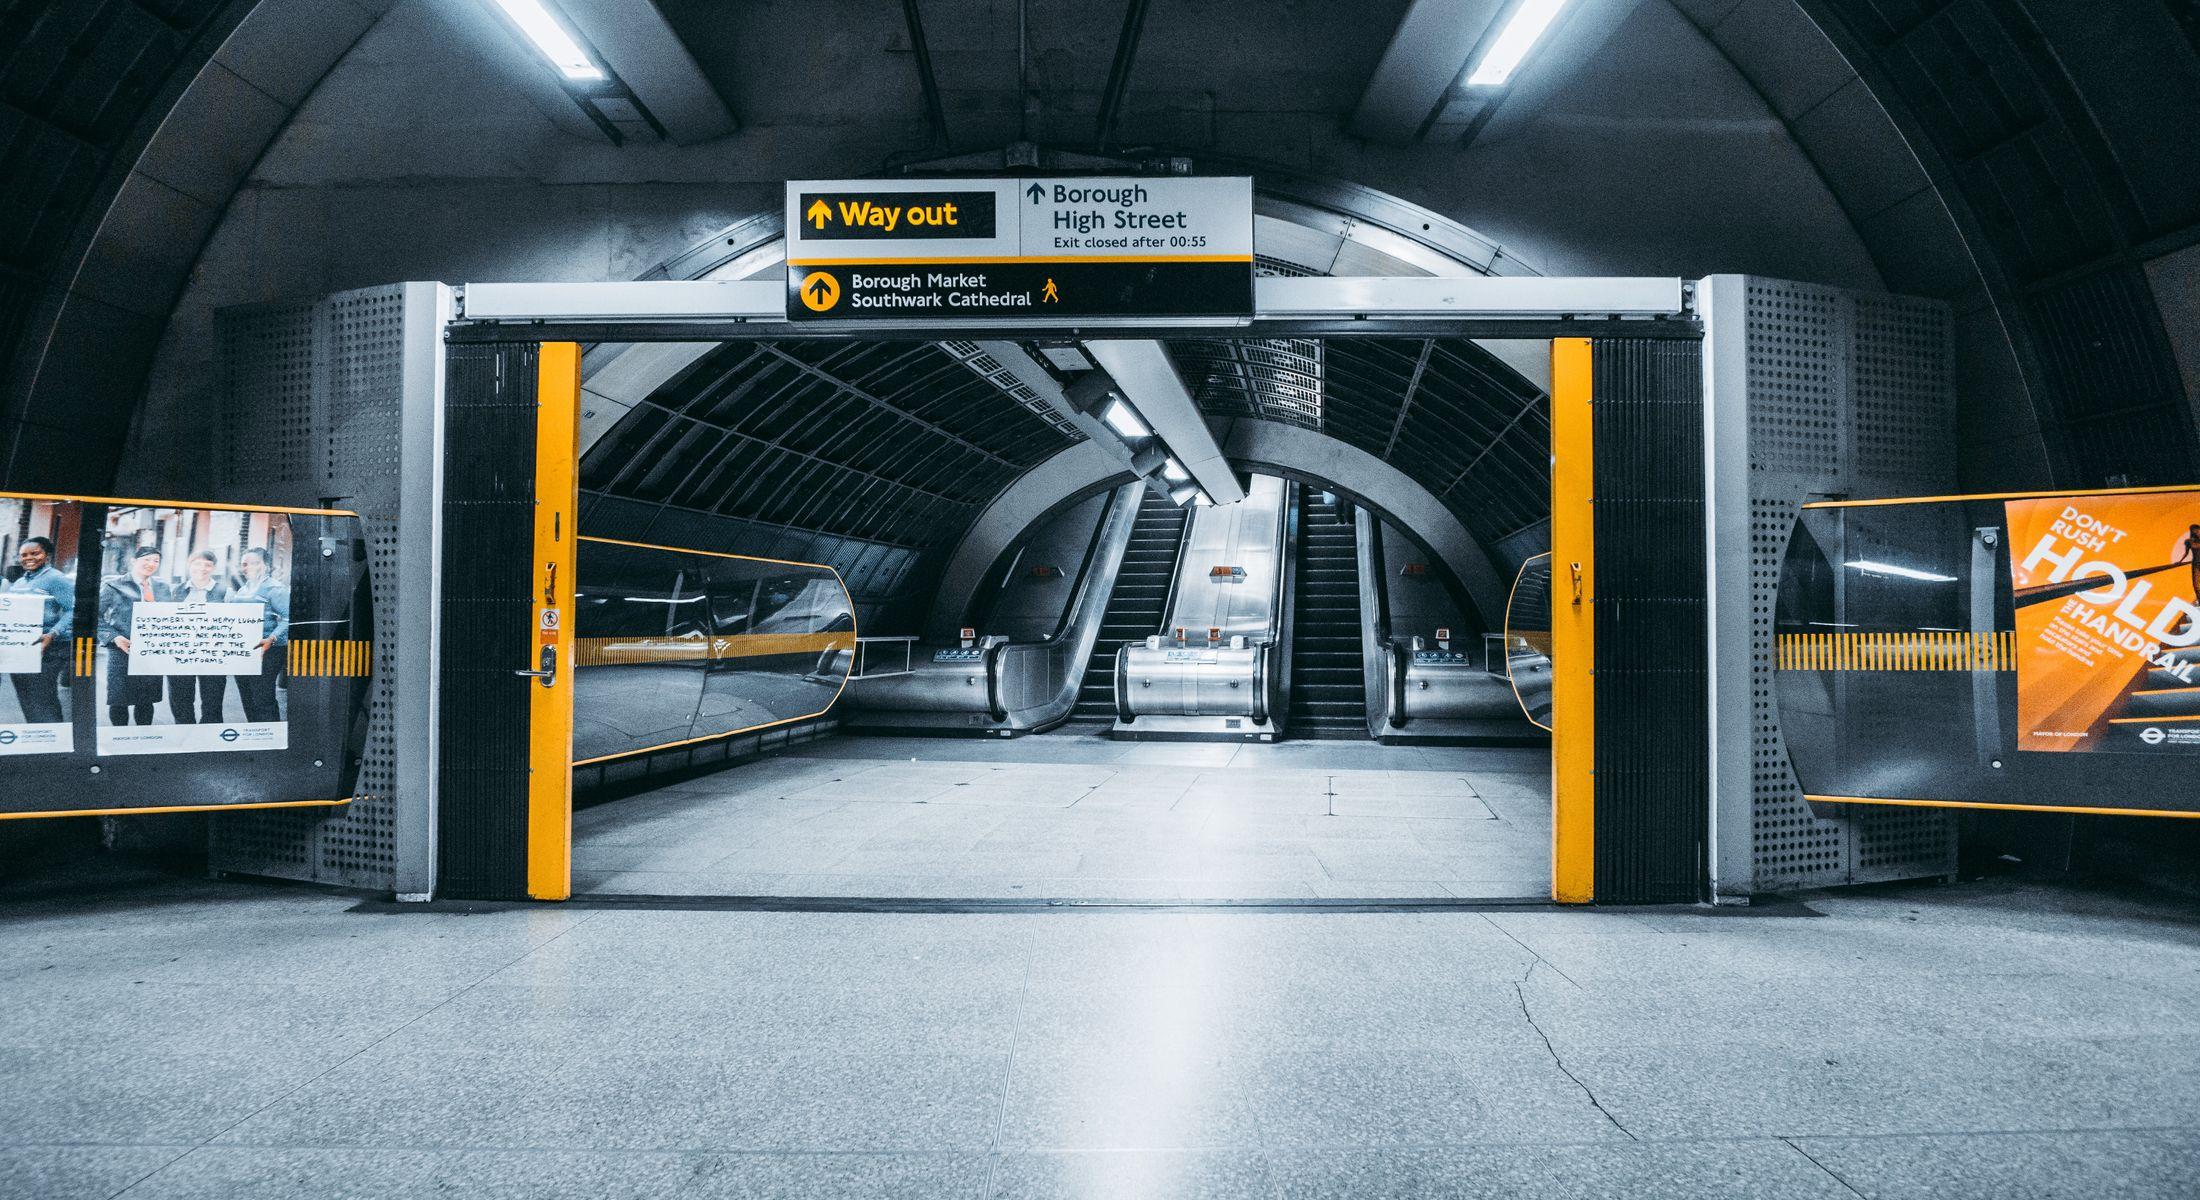 Underground station in London